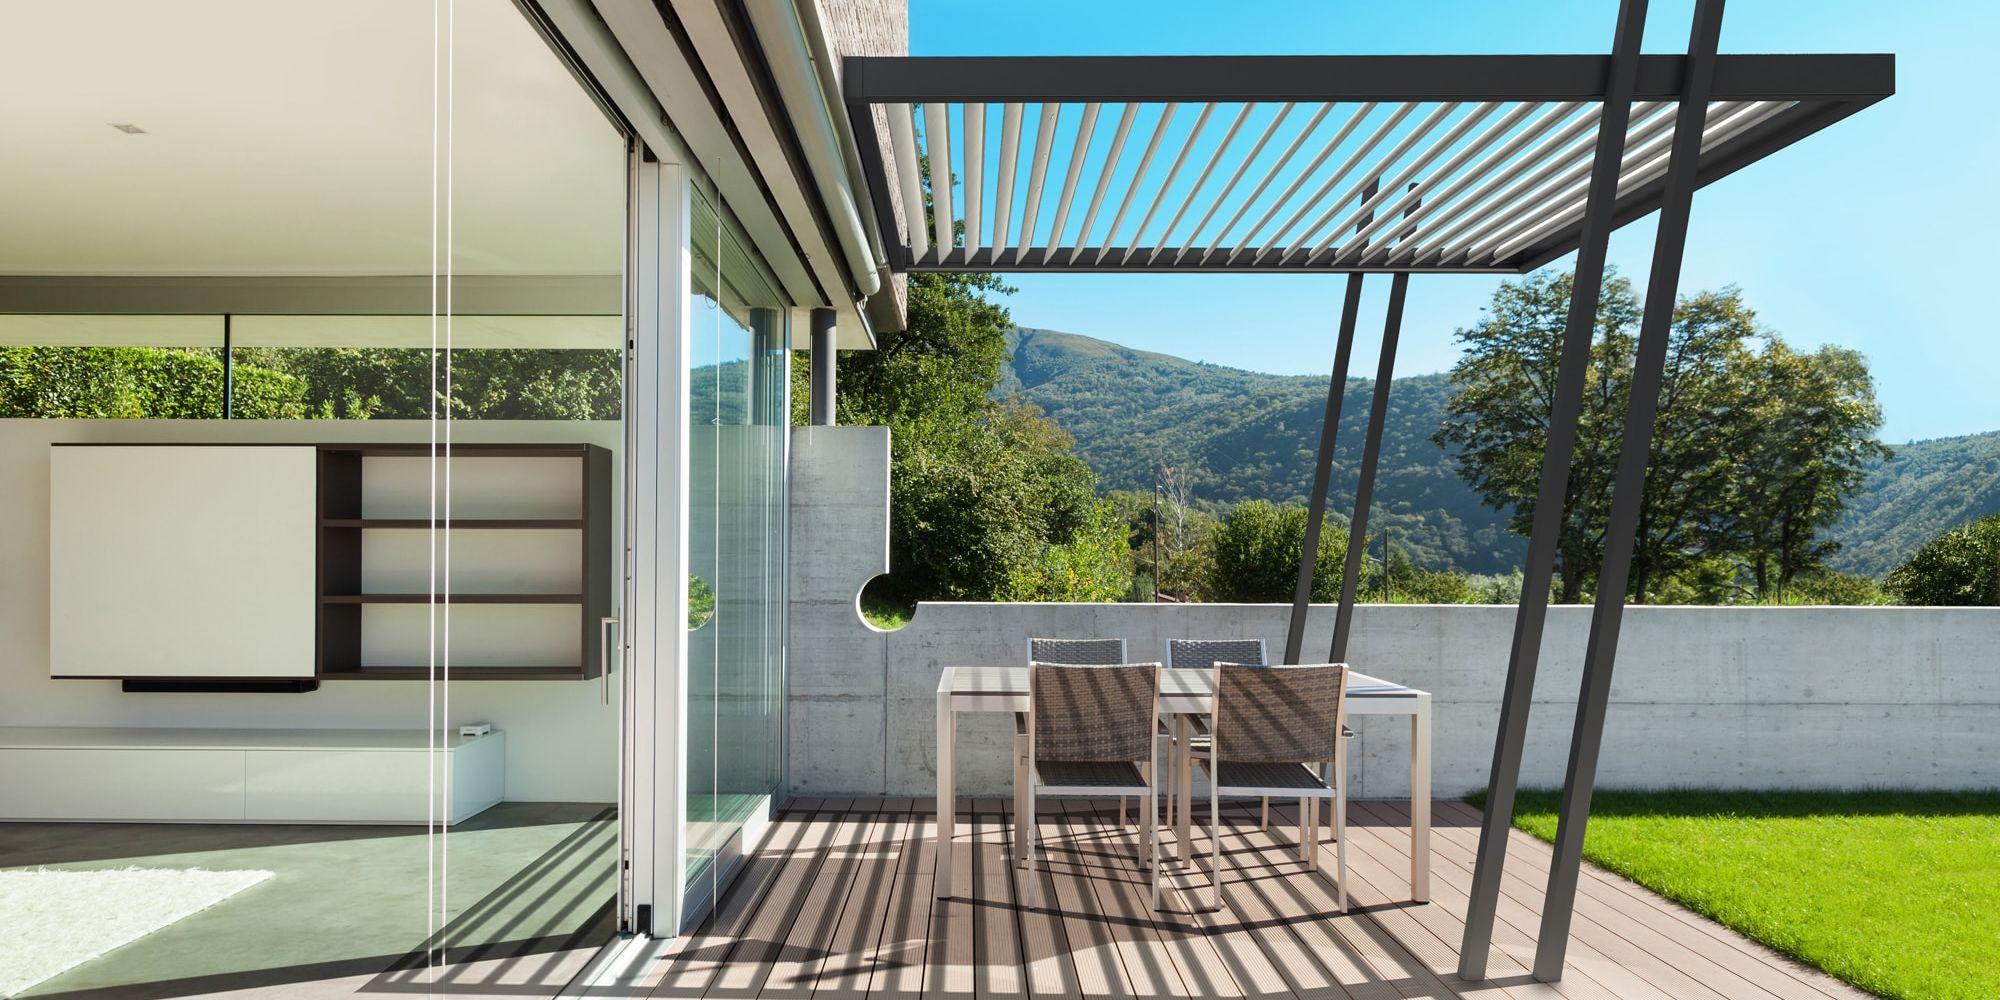 une pergola bioclimatique id ale pour toutes les saisons en appart. Black Bedroom Furniture Sets. Home Design Ideas